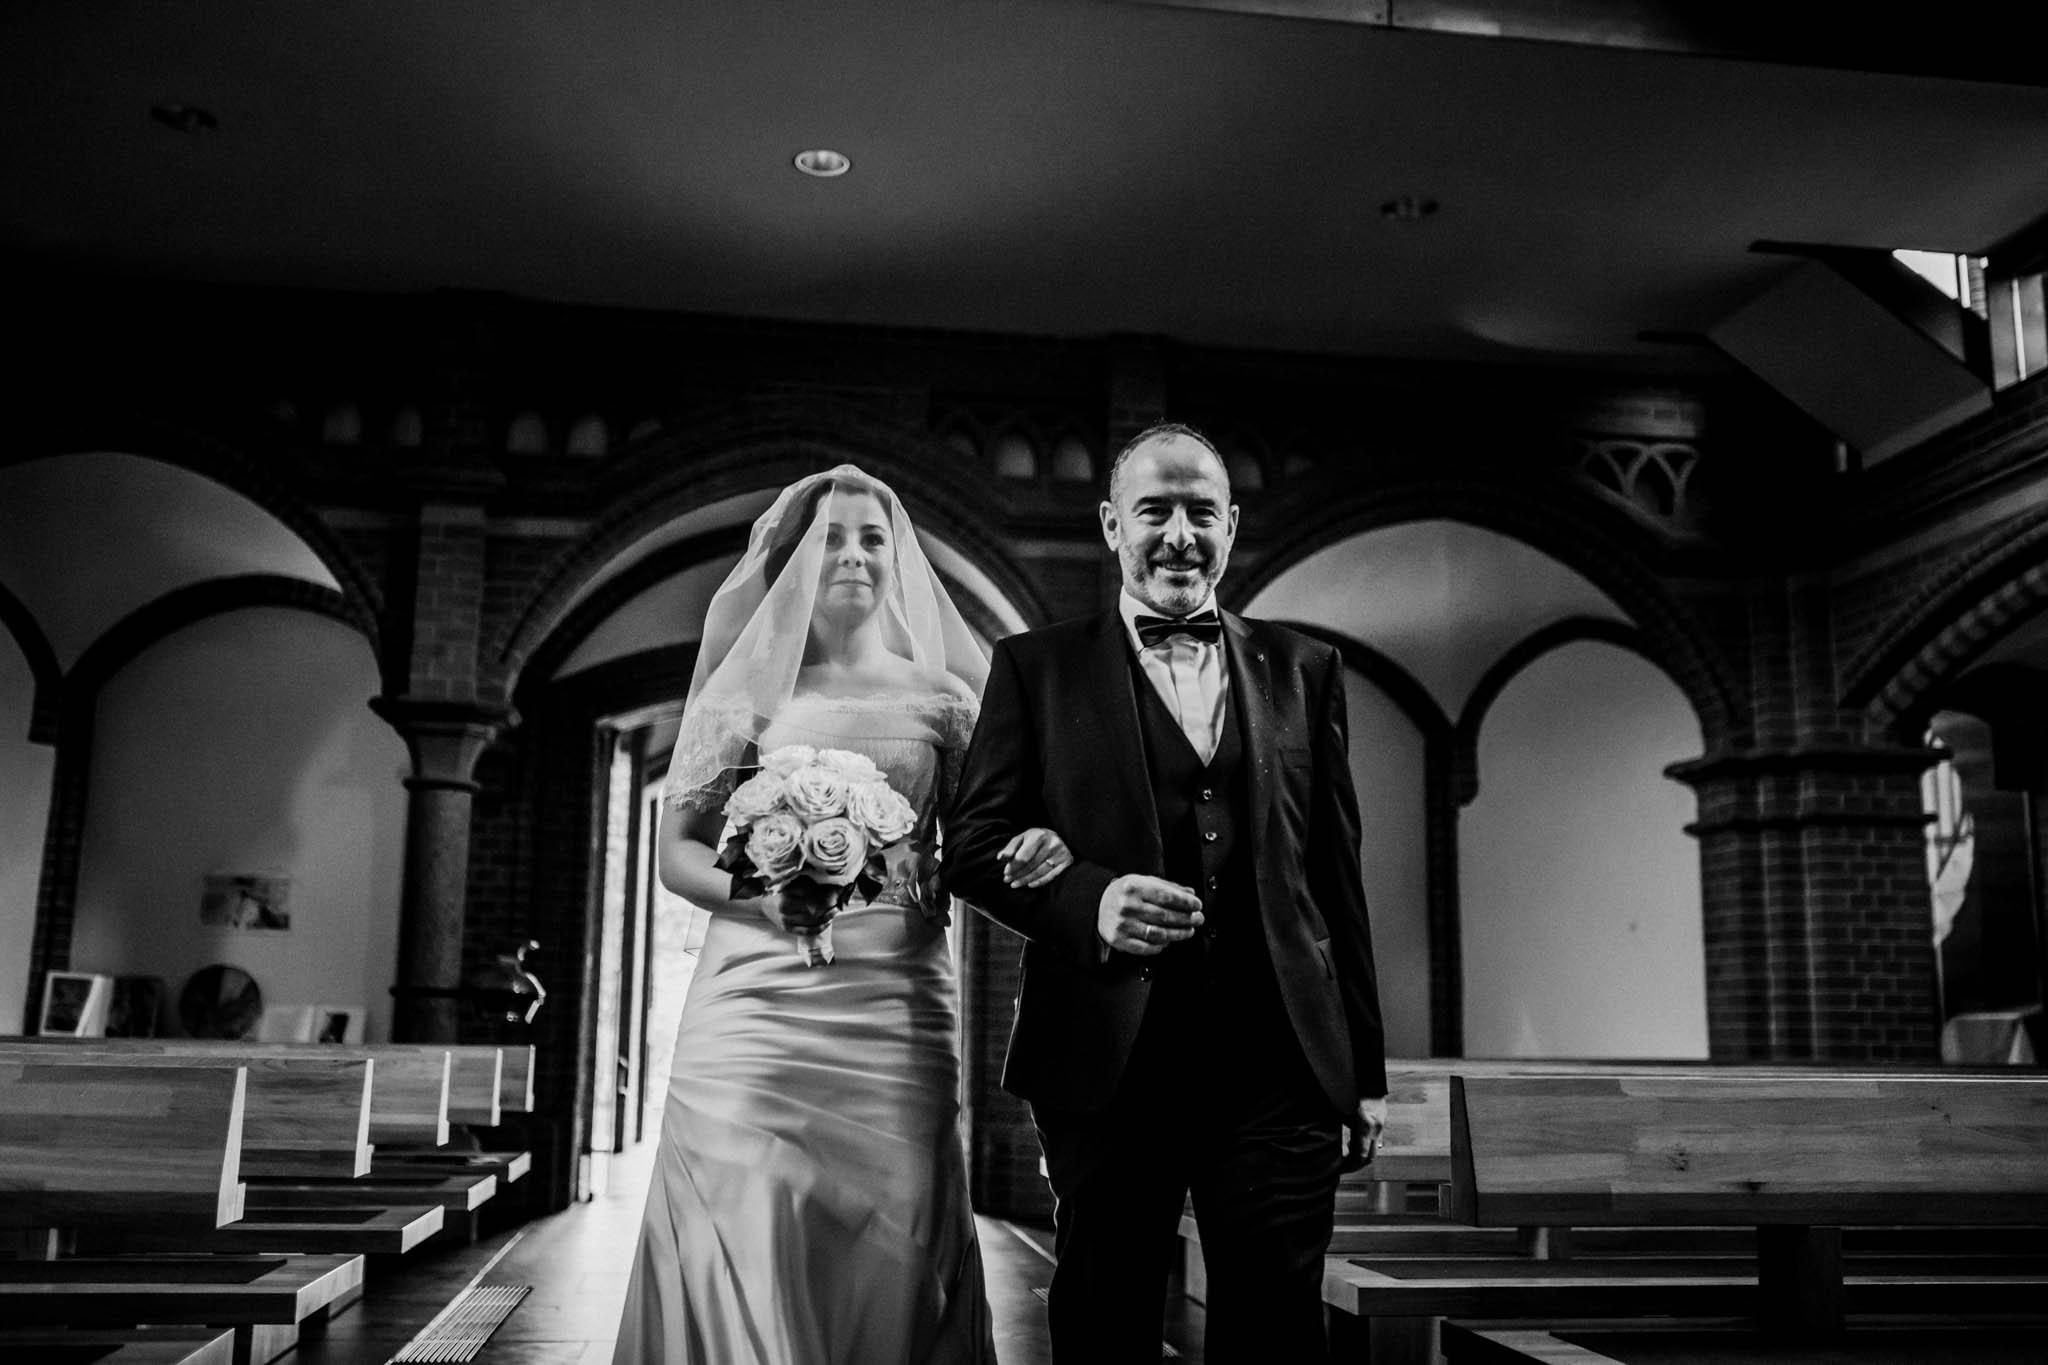 Hochzeitsfieber by Photo-Schomburg, Wedding, Hochzeitsfotograf, Hochzeitspaar, Braut, Bräutigam, Hochzeitstag, Hamburg, Landungsbrücken, Hafenliebe-57